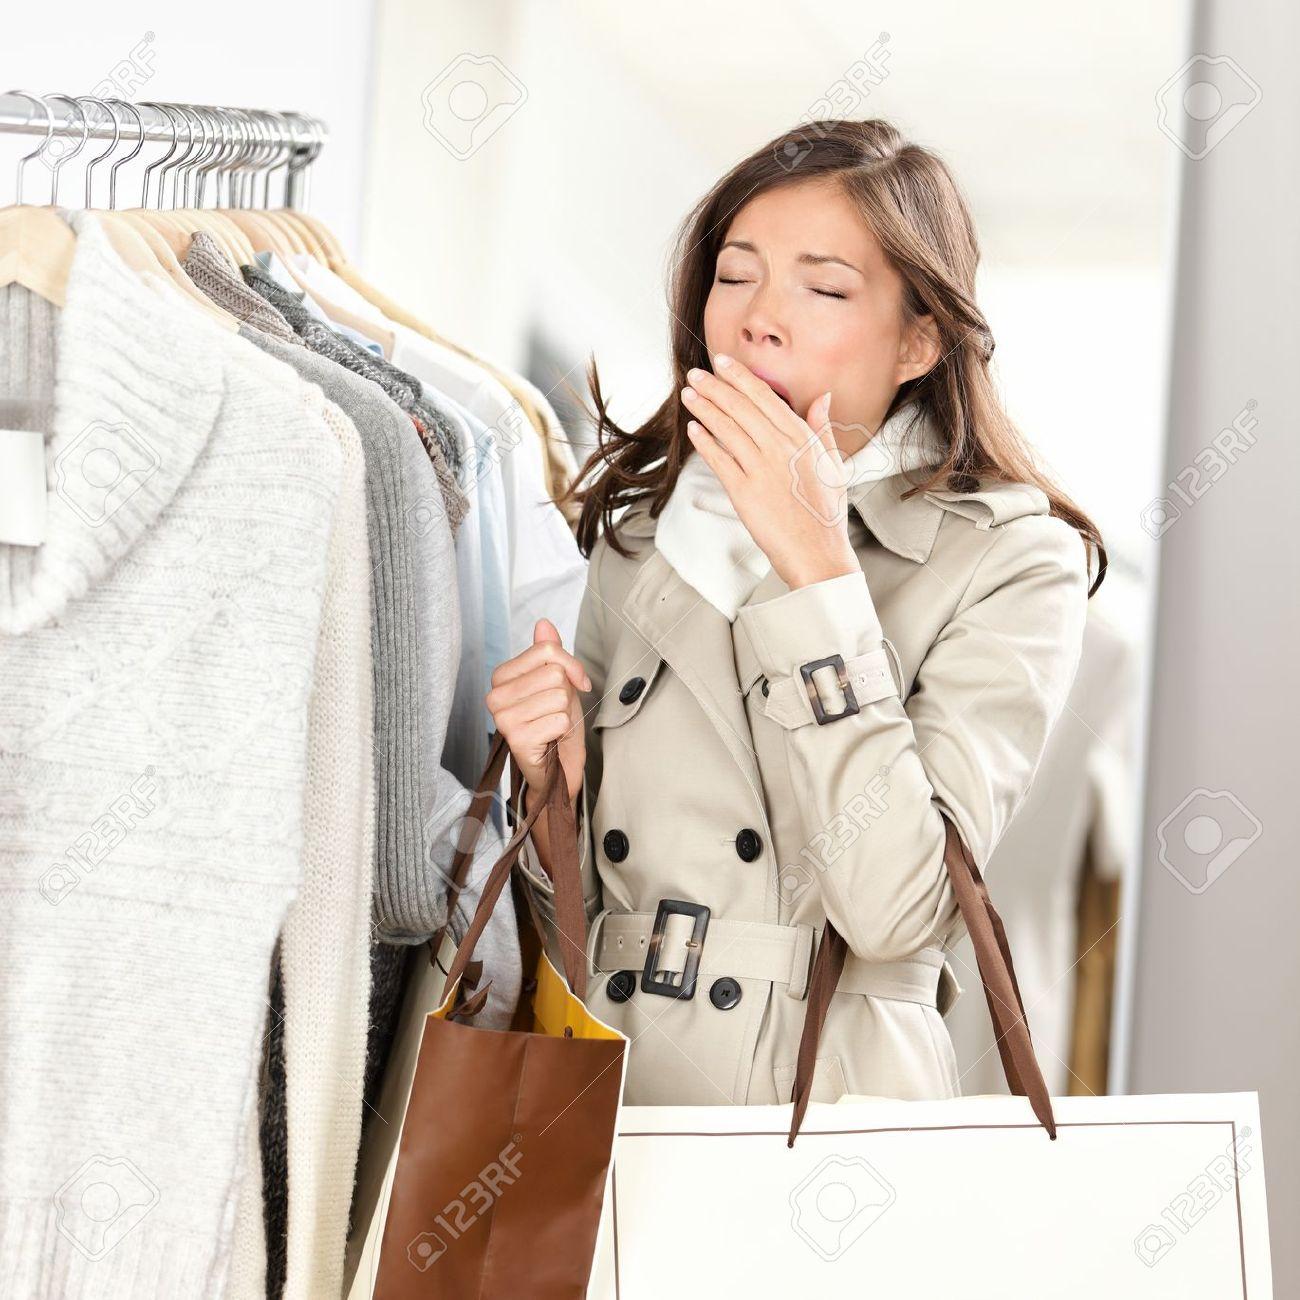 Müde Frau Gähnen beim Einkaufen Kleidung in Bekleidungsgeschäft Shop Schöne junge gemischte Rasse asiatischen kaukasischen weibliche Modell Standard-Bild - 16637273